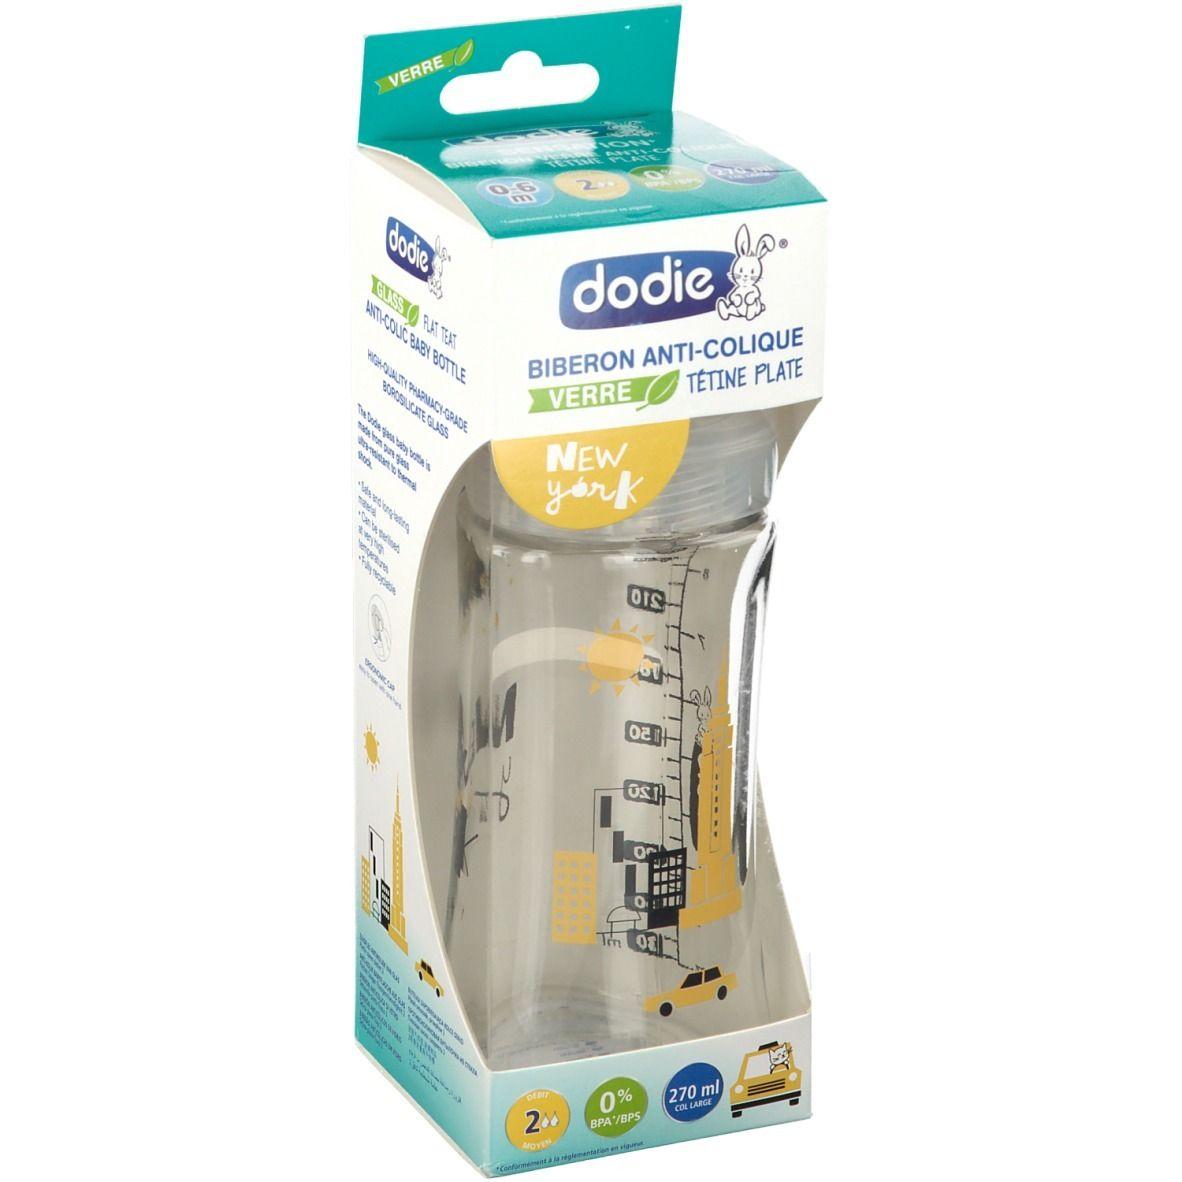 dodie® Dodie Biberon Sensation+ Verre 270ml anti-colique tétine ronde New York 0-6 Mois pc(s) Bouteilles